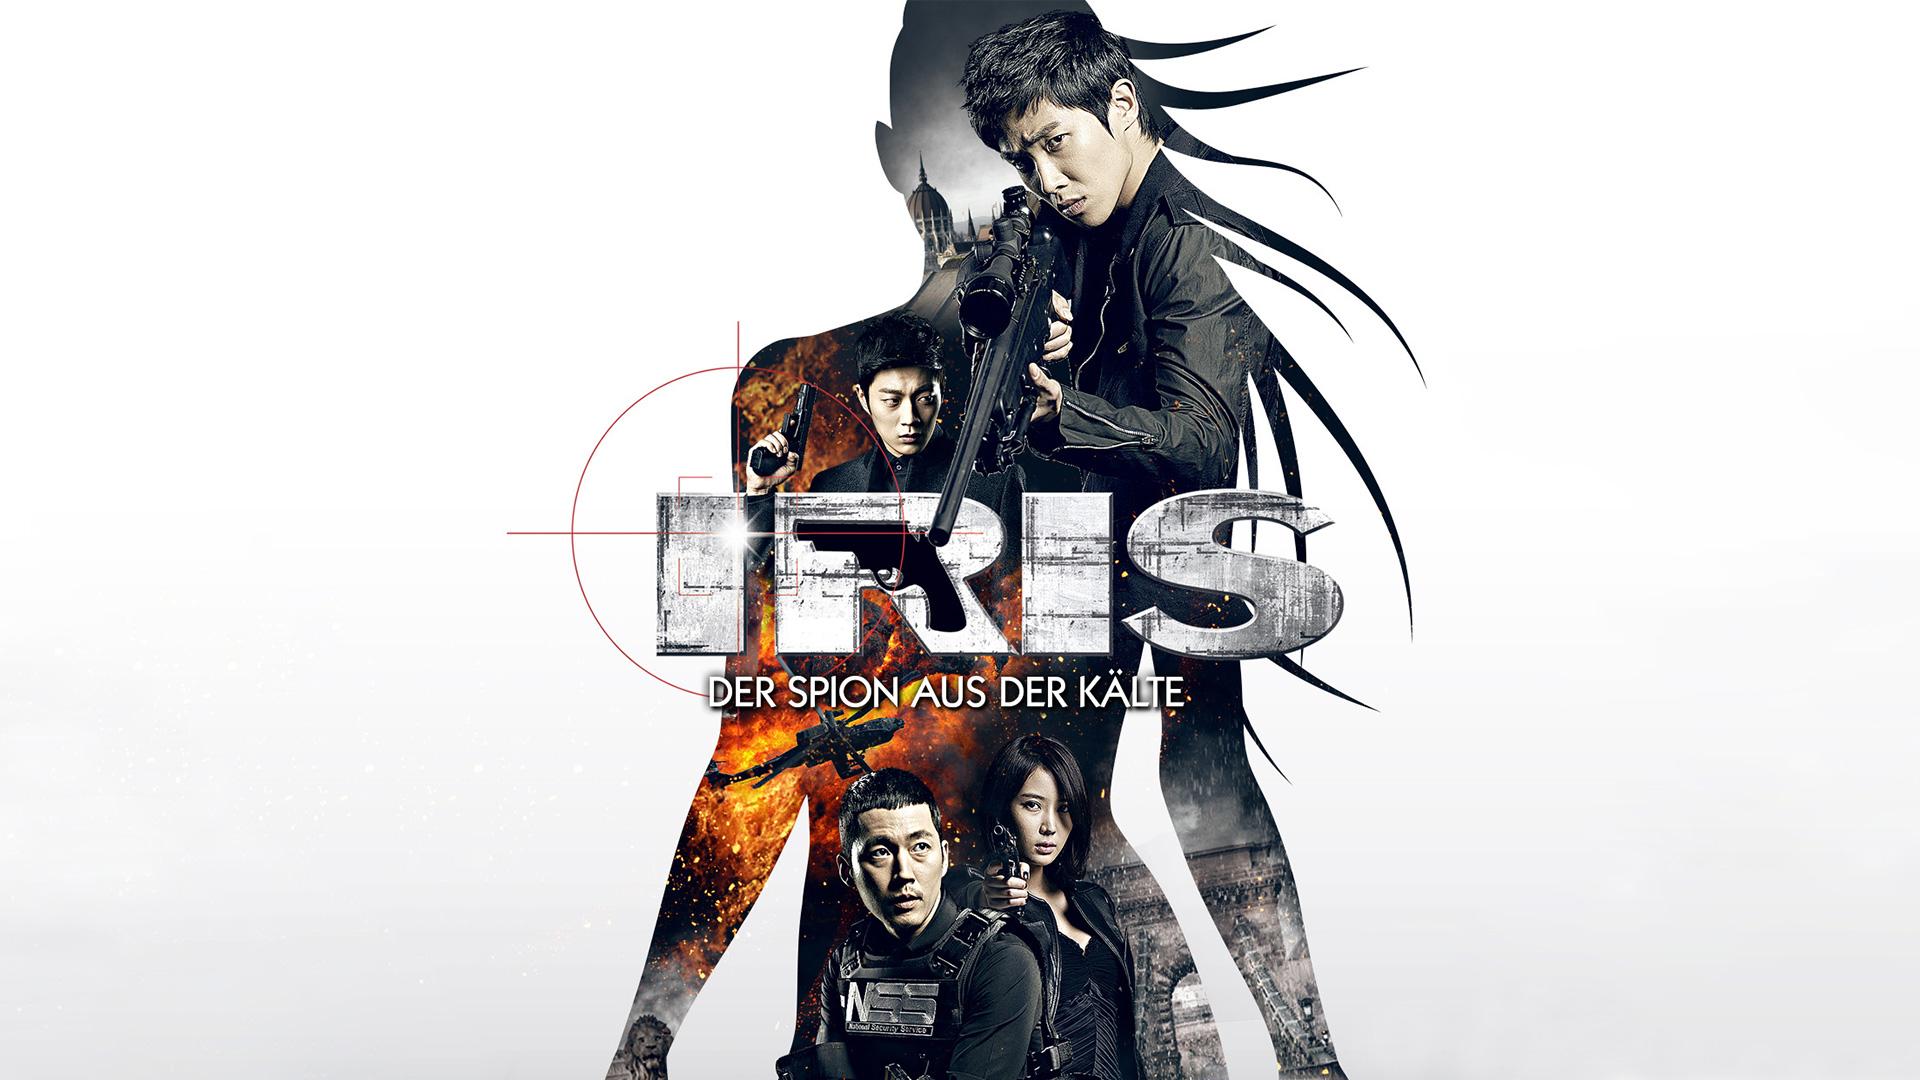 Iris: Der Spion aus der Kälte